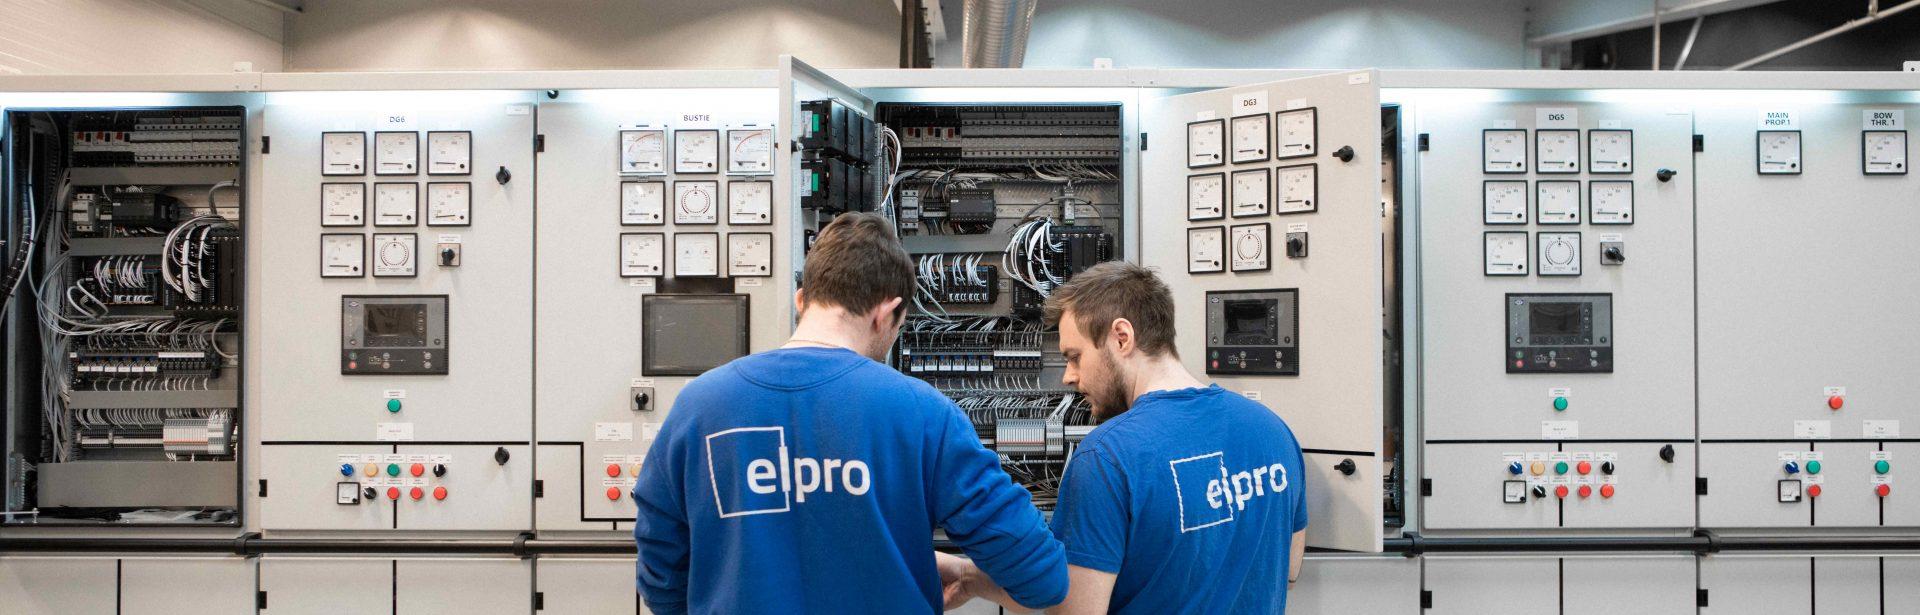 Elpro-Installasjon-Bygg-og-Industri